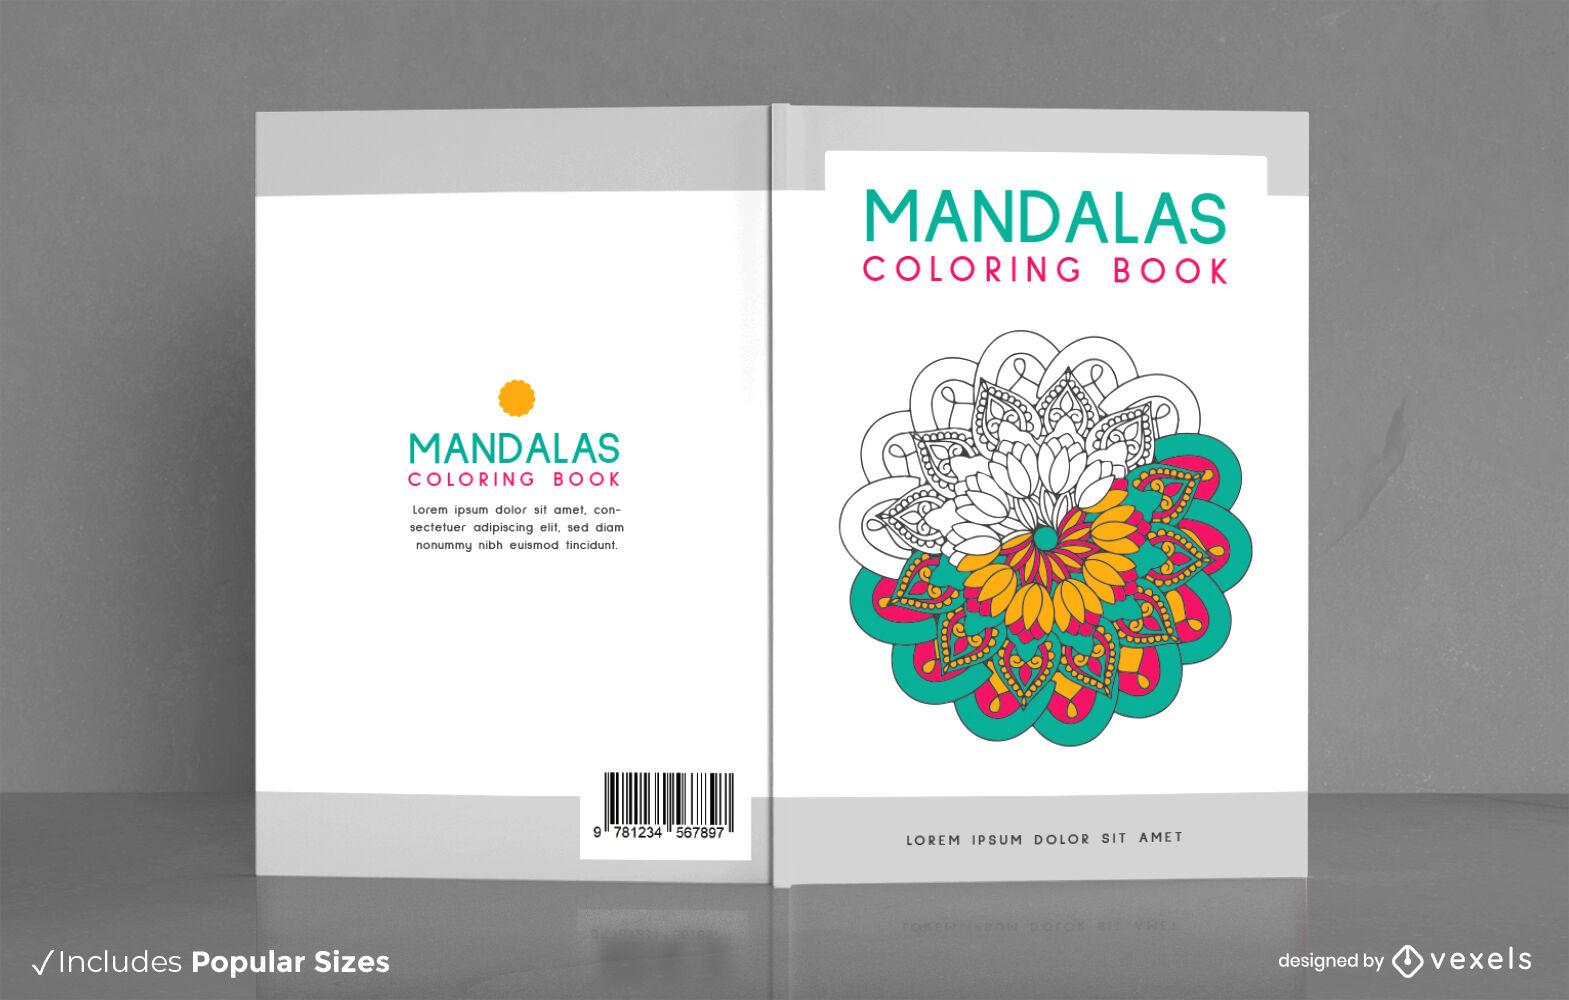 Flroal mandalas coloring book cover design